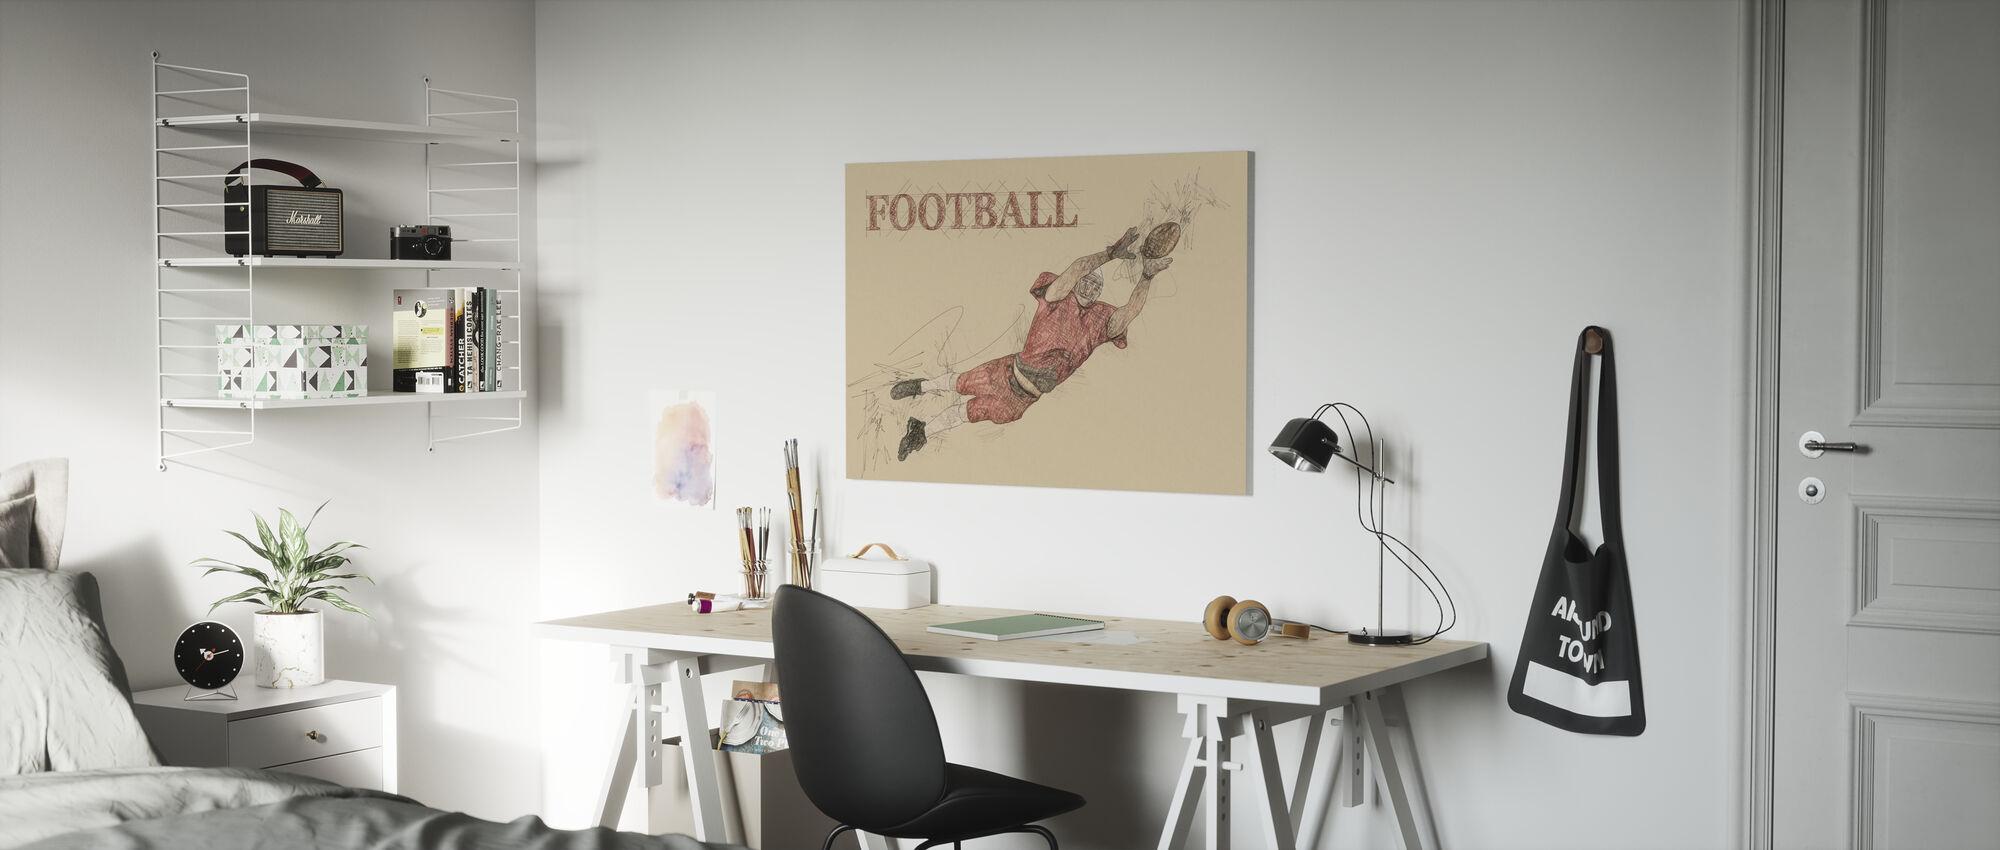 Football - Impression sur toile - Chambre des enfants